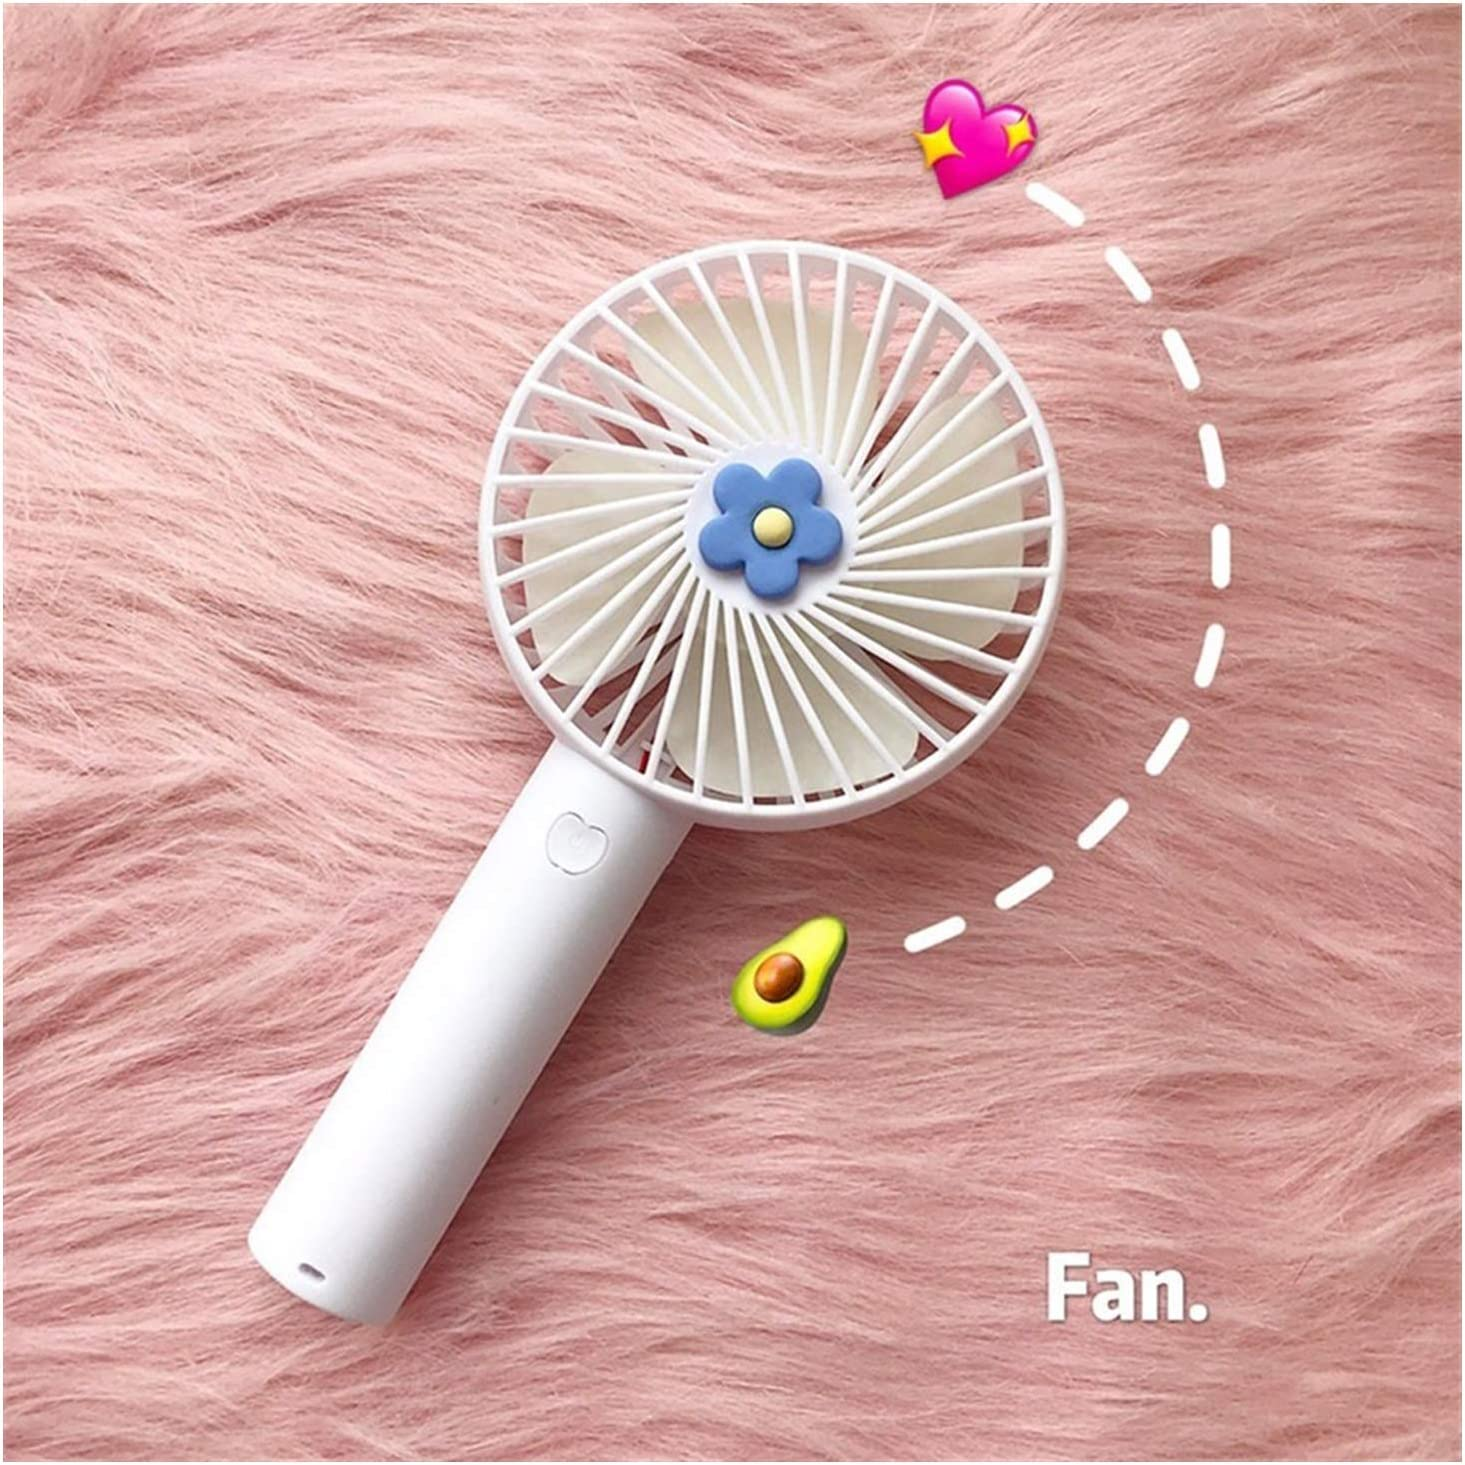 Color : White ZHANGQIAO-AE Cute Flower Round Fan Miniskirt USB Handheld Portable Desktop Electrical Fan Home Office Personal Fans Mini USB Desktop Fan Small Personal Silent Fan Por